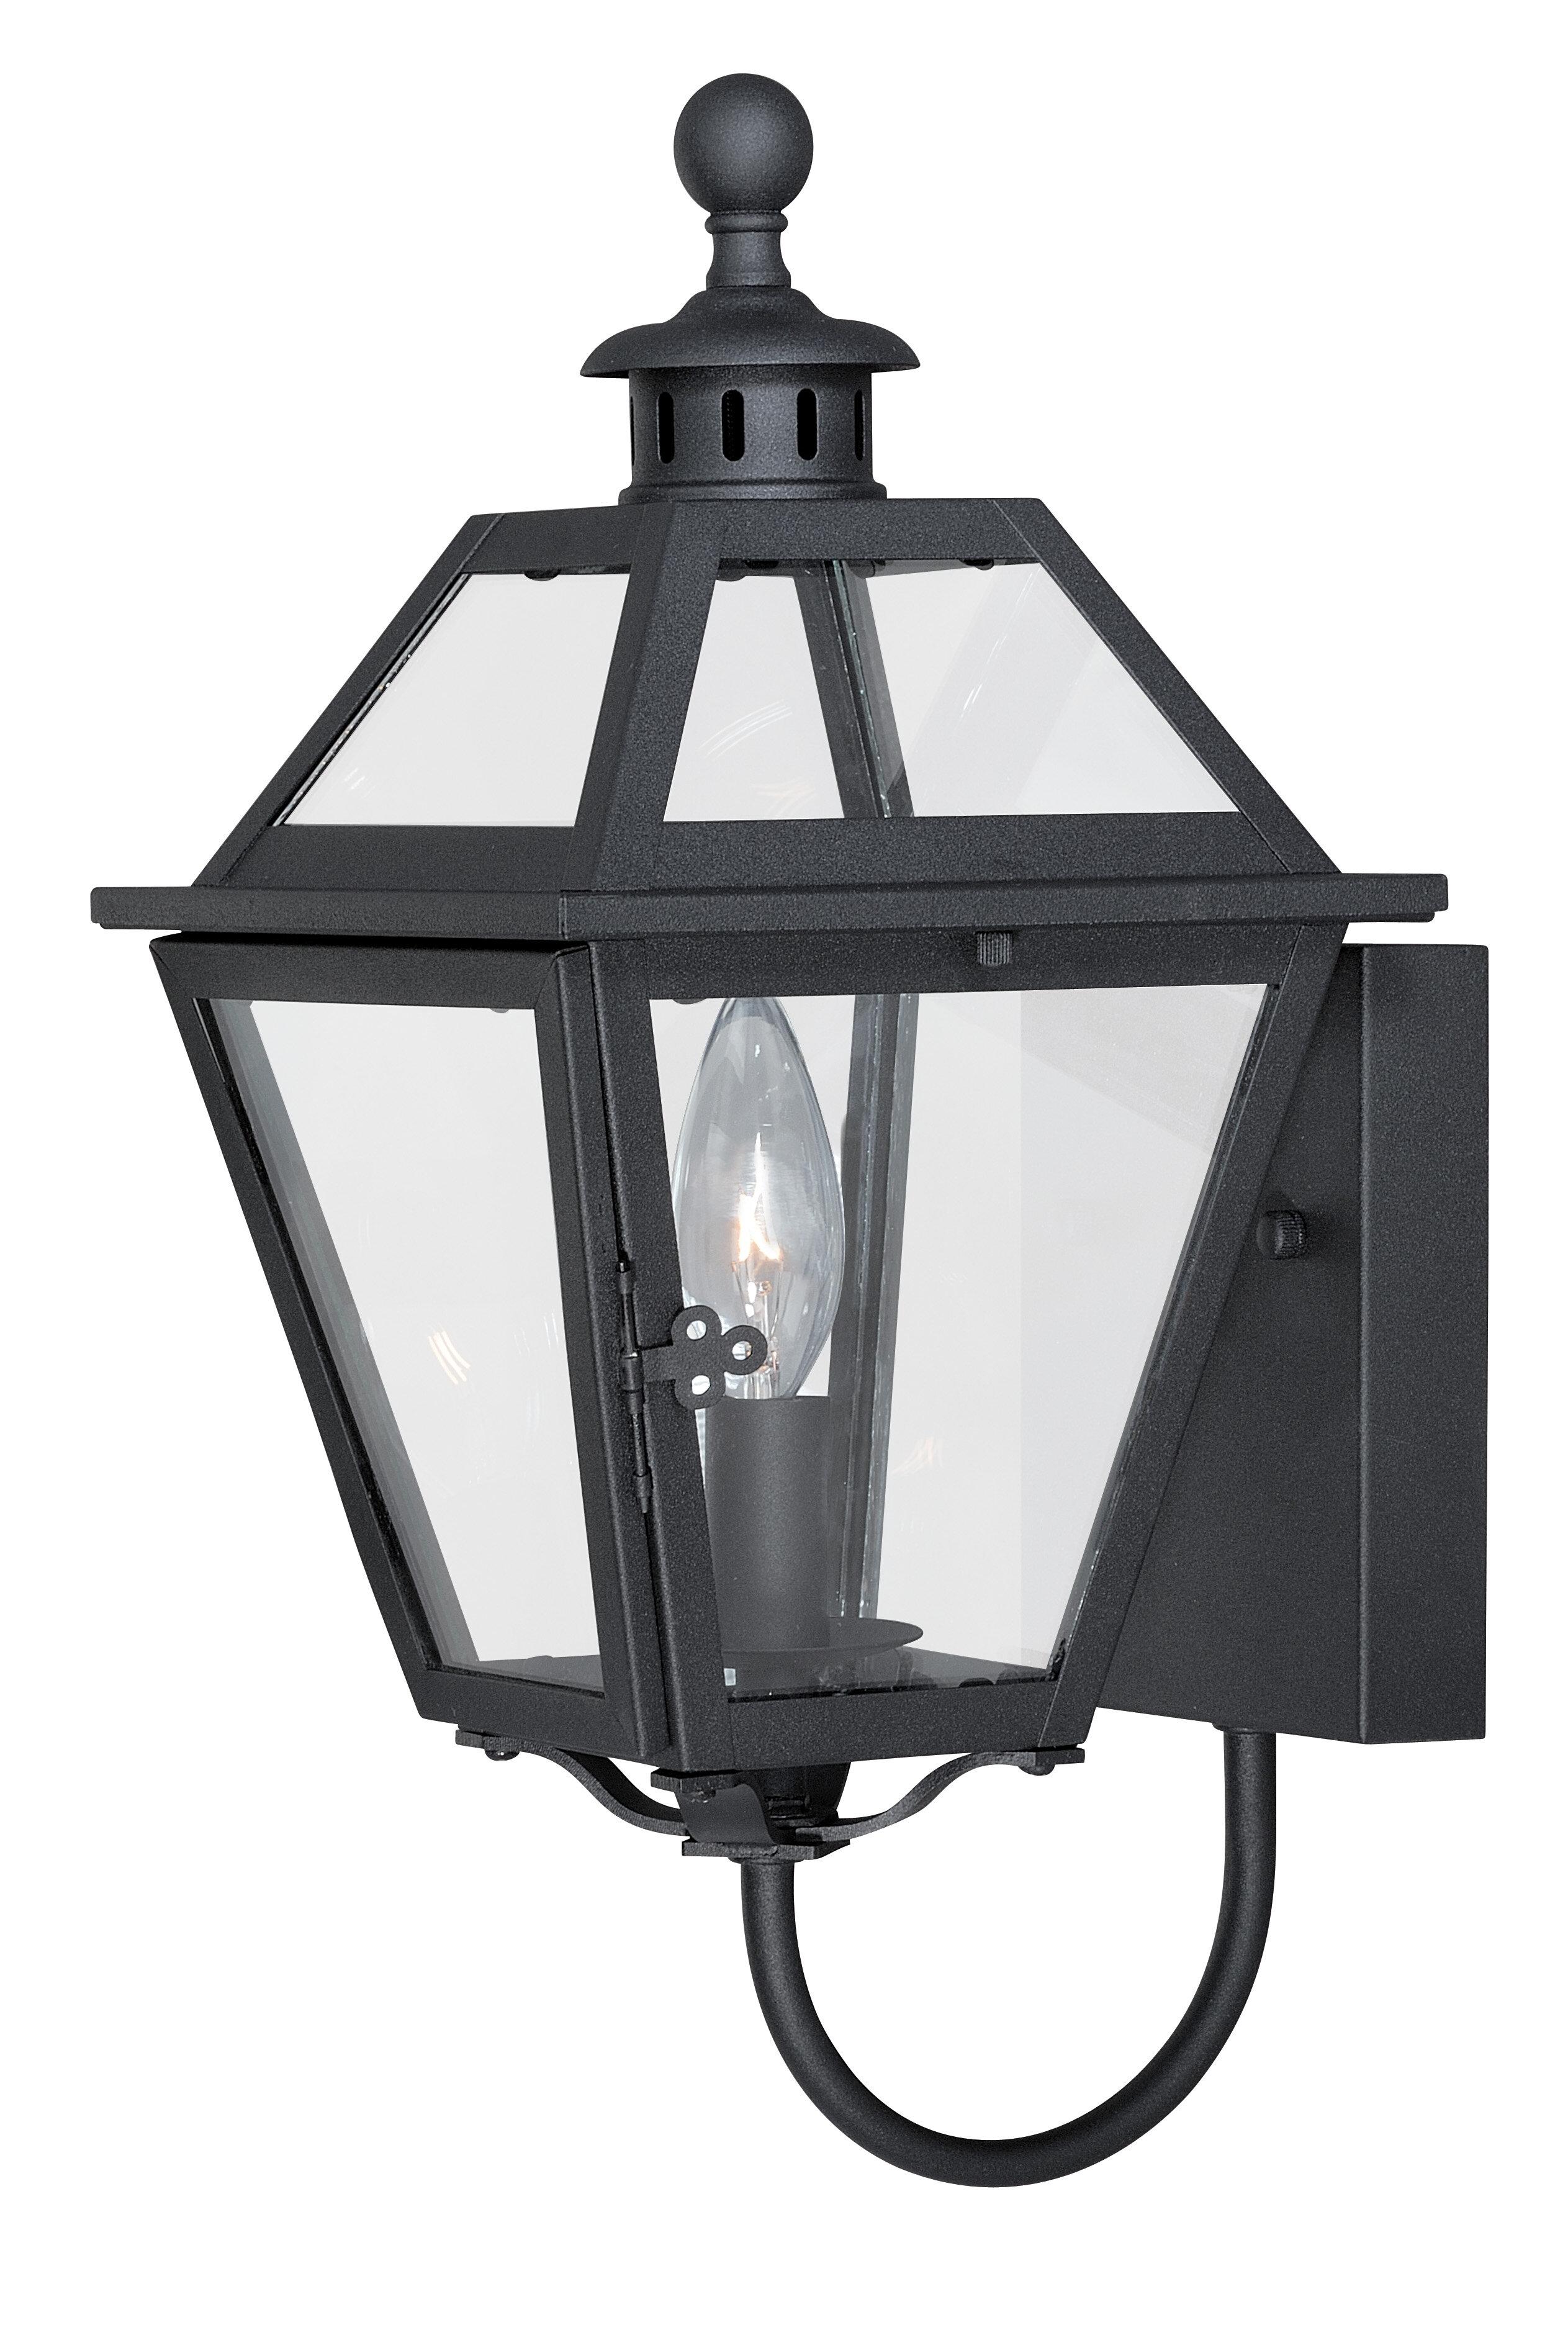 Gravesend Outdoor Wall Lantern Reviews Joss Main